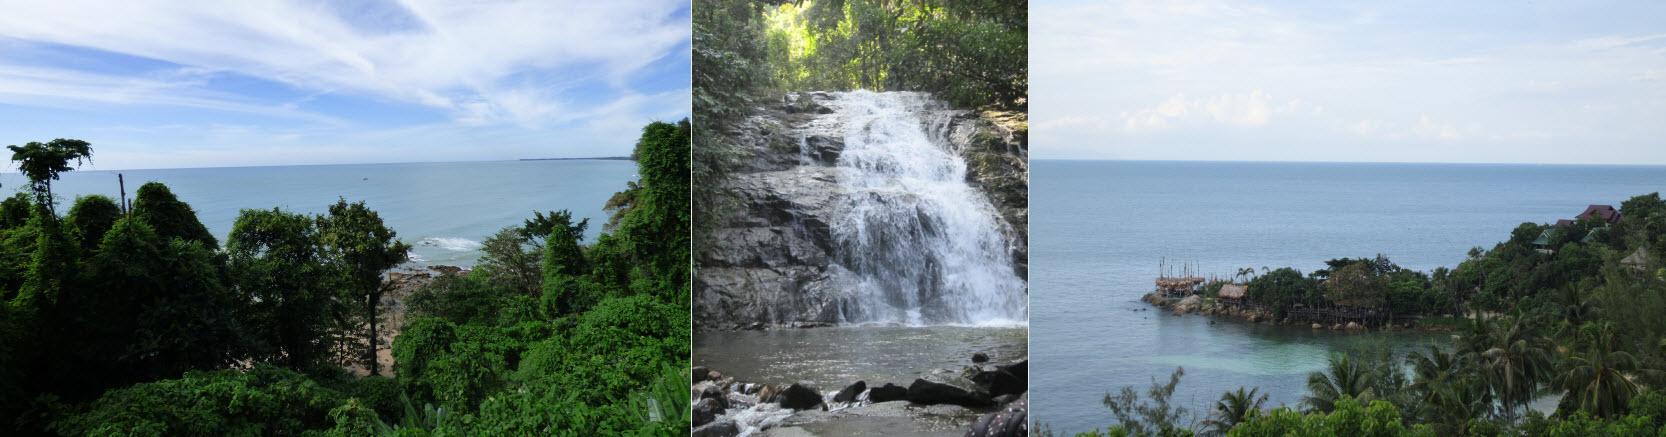 thailand-landschaft-collage